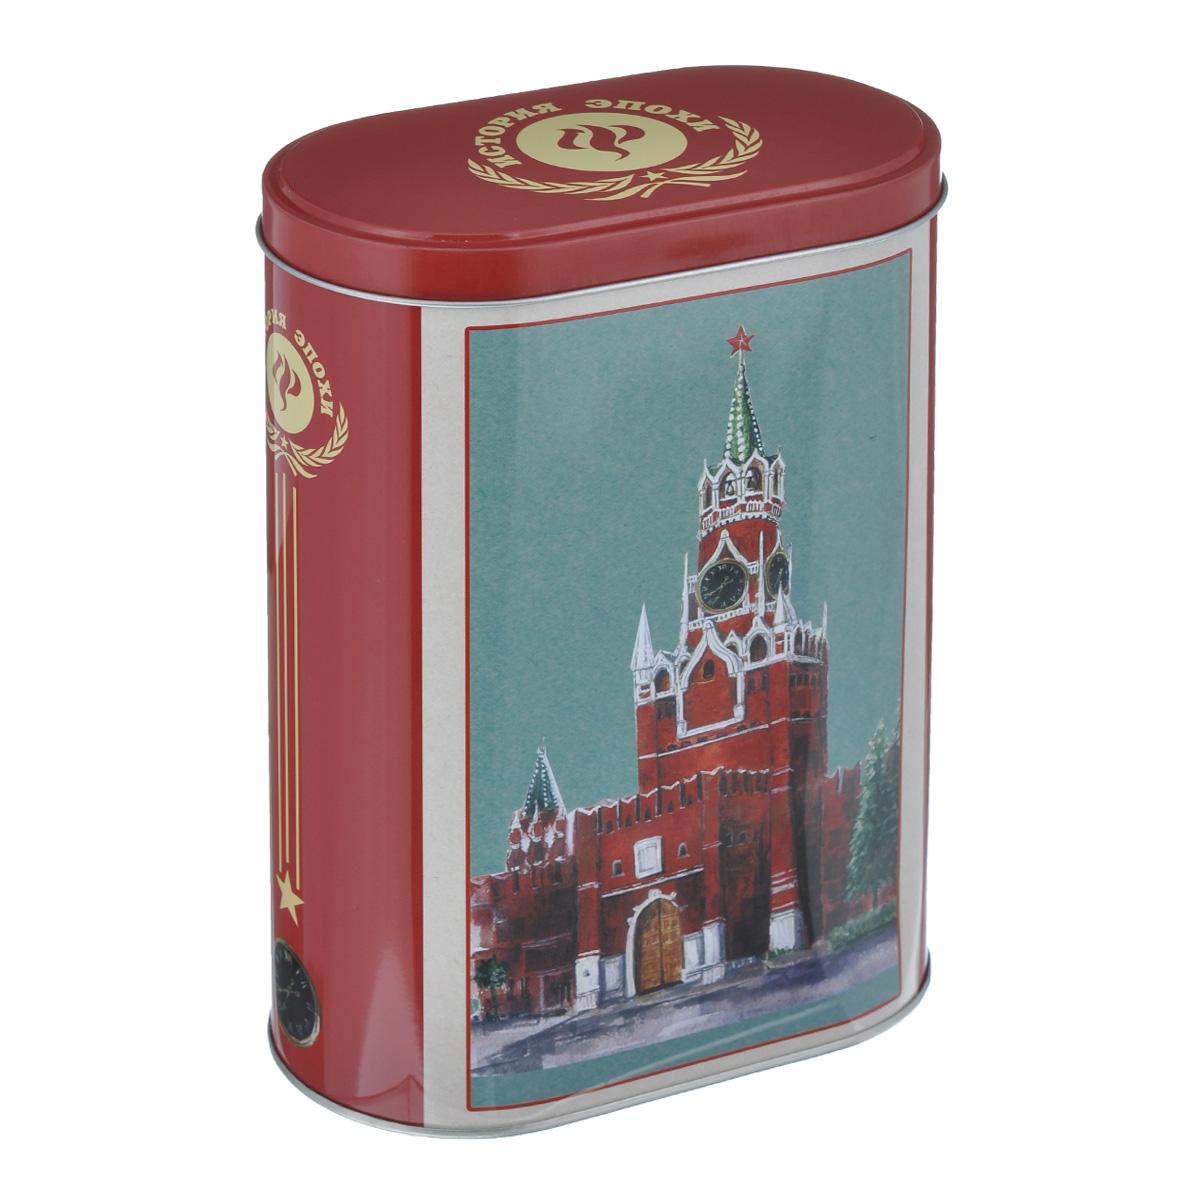 Банка для сыпучих продуктов Феникс-презент Кремль, 1,5 л37653Банка для сыпучих продуктов Феникс-презент Кремль, изготовленная из металла, декорирована изображением Московского Кремля. Банка оснащена плотно закрывающейся крышкой с откидным механизмом. Благодаря этому внутри сохраняется герметичность, и продукты дольше остаются свежими. Изделие предназначено для хранения различных сыпучих продуктов: круп, чая, сахара, орехов и многого другого. Функциональная и вместительная, такая банка станет незаменимым аксессуаром на любой кухне. Нельзя мыть в посудомоечной машине. Объем: 1,5 л. Размер (по верхнему краю): 13,5 см х 7,5 см. Высота банки (без учета крышки): 19 см.